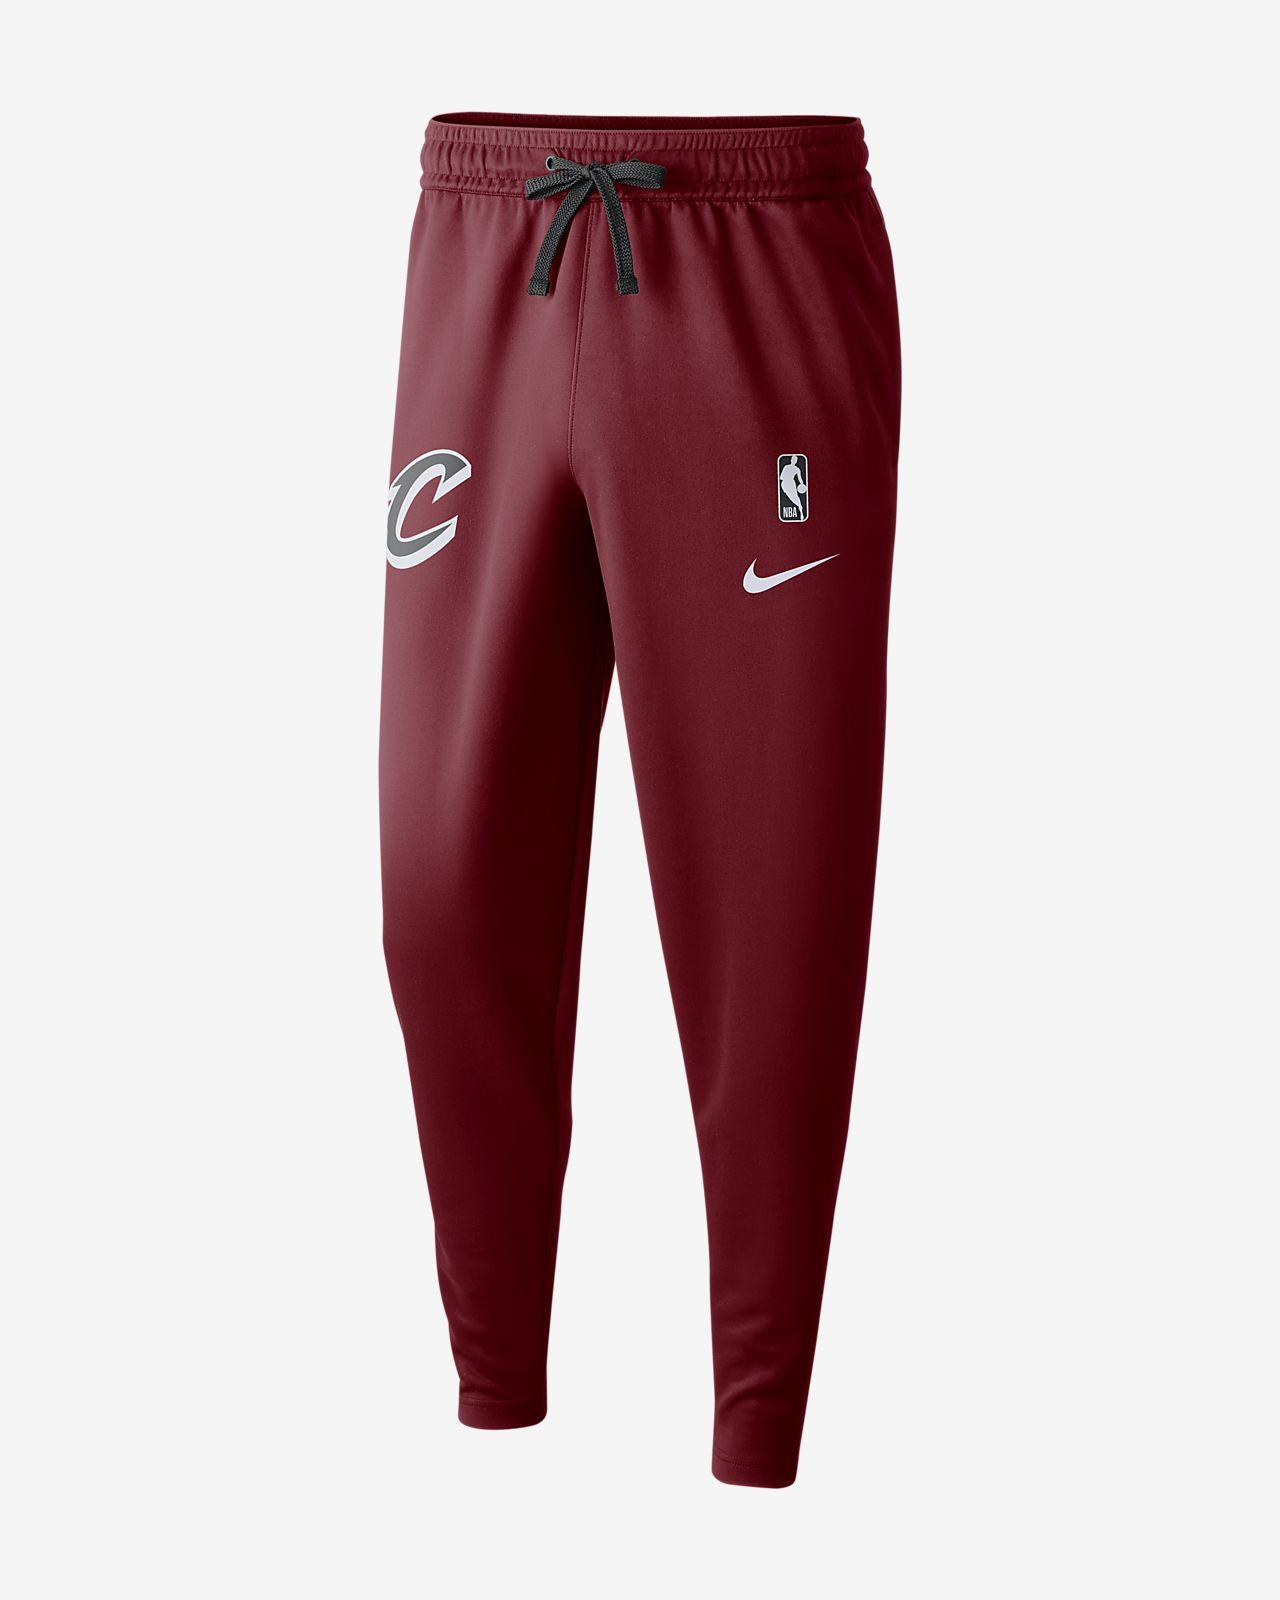 Calças NBA Cleveland Cavaliers Nike Spotlight para homem